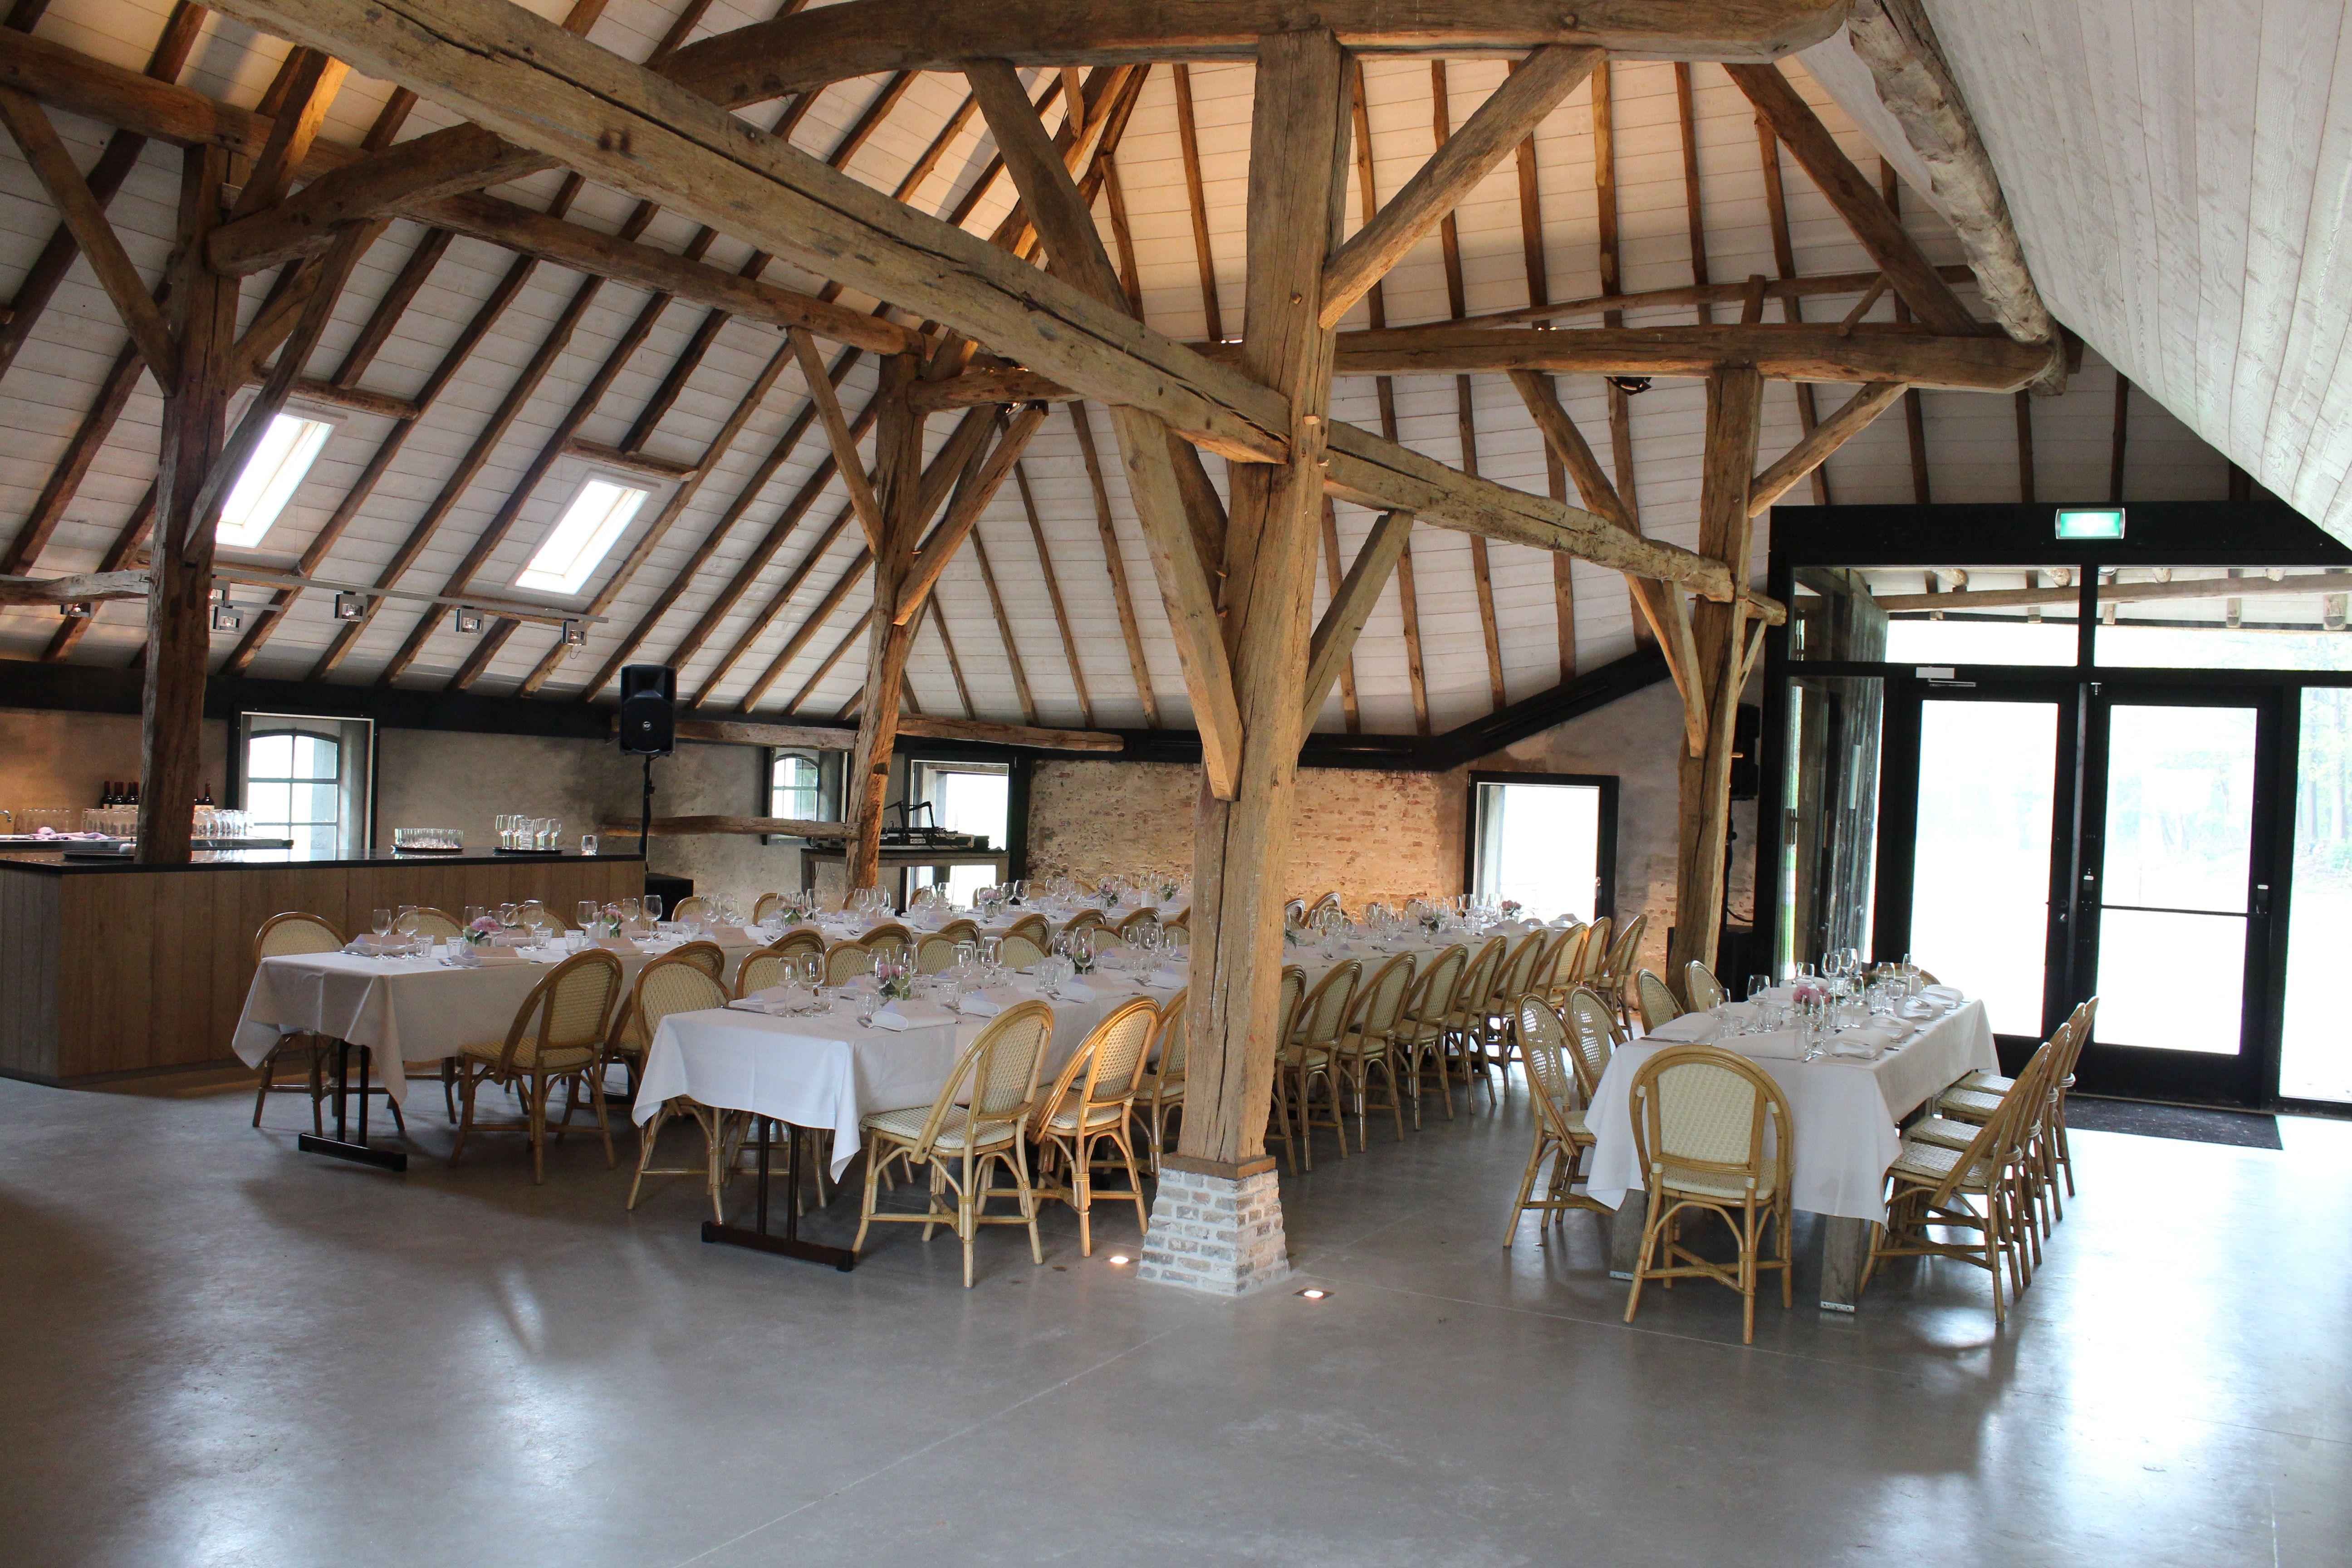 Renovated Barns Interieur Vlaamse Schuur Na Restauratie Landgoed Ulvenhart Aan De